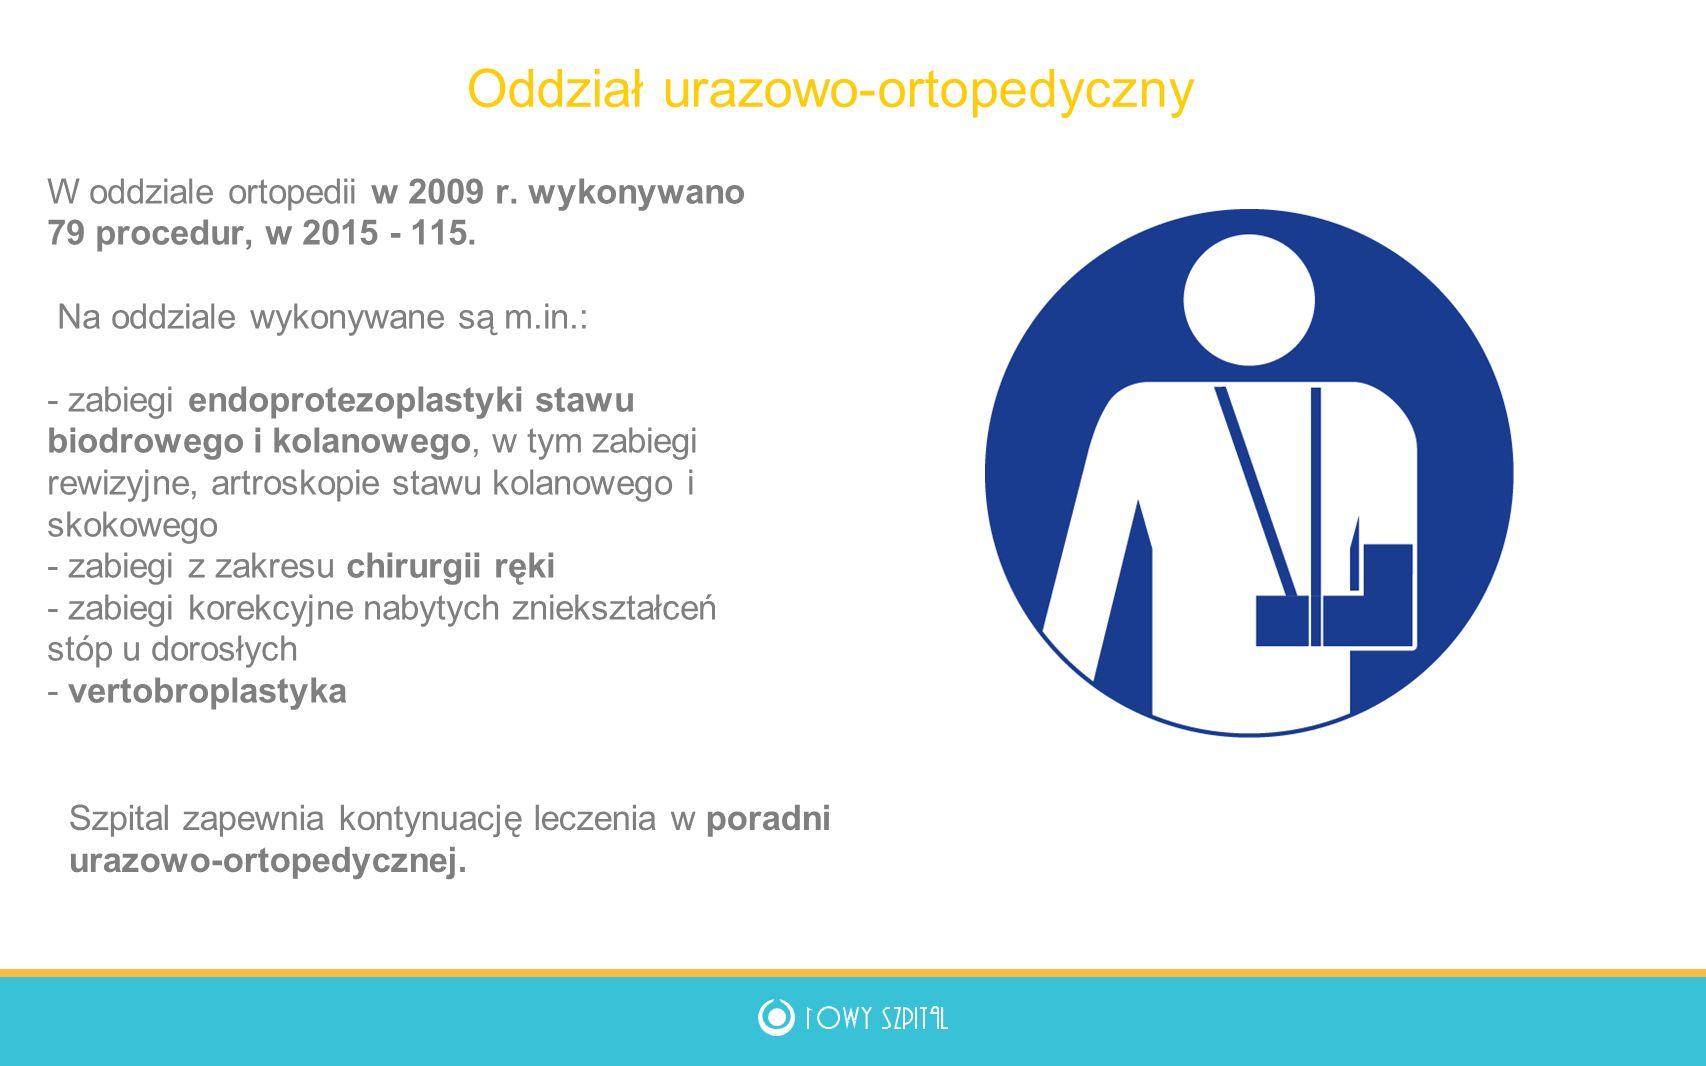 W oddziale ortopedii w 2009 r. wykonywano 79 procedur, w 2015 - 115.